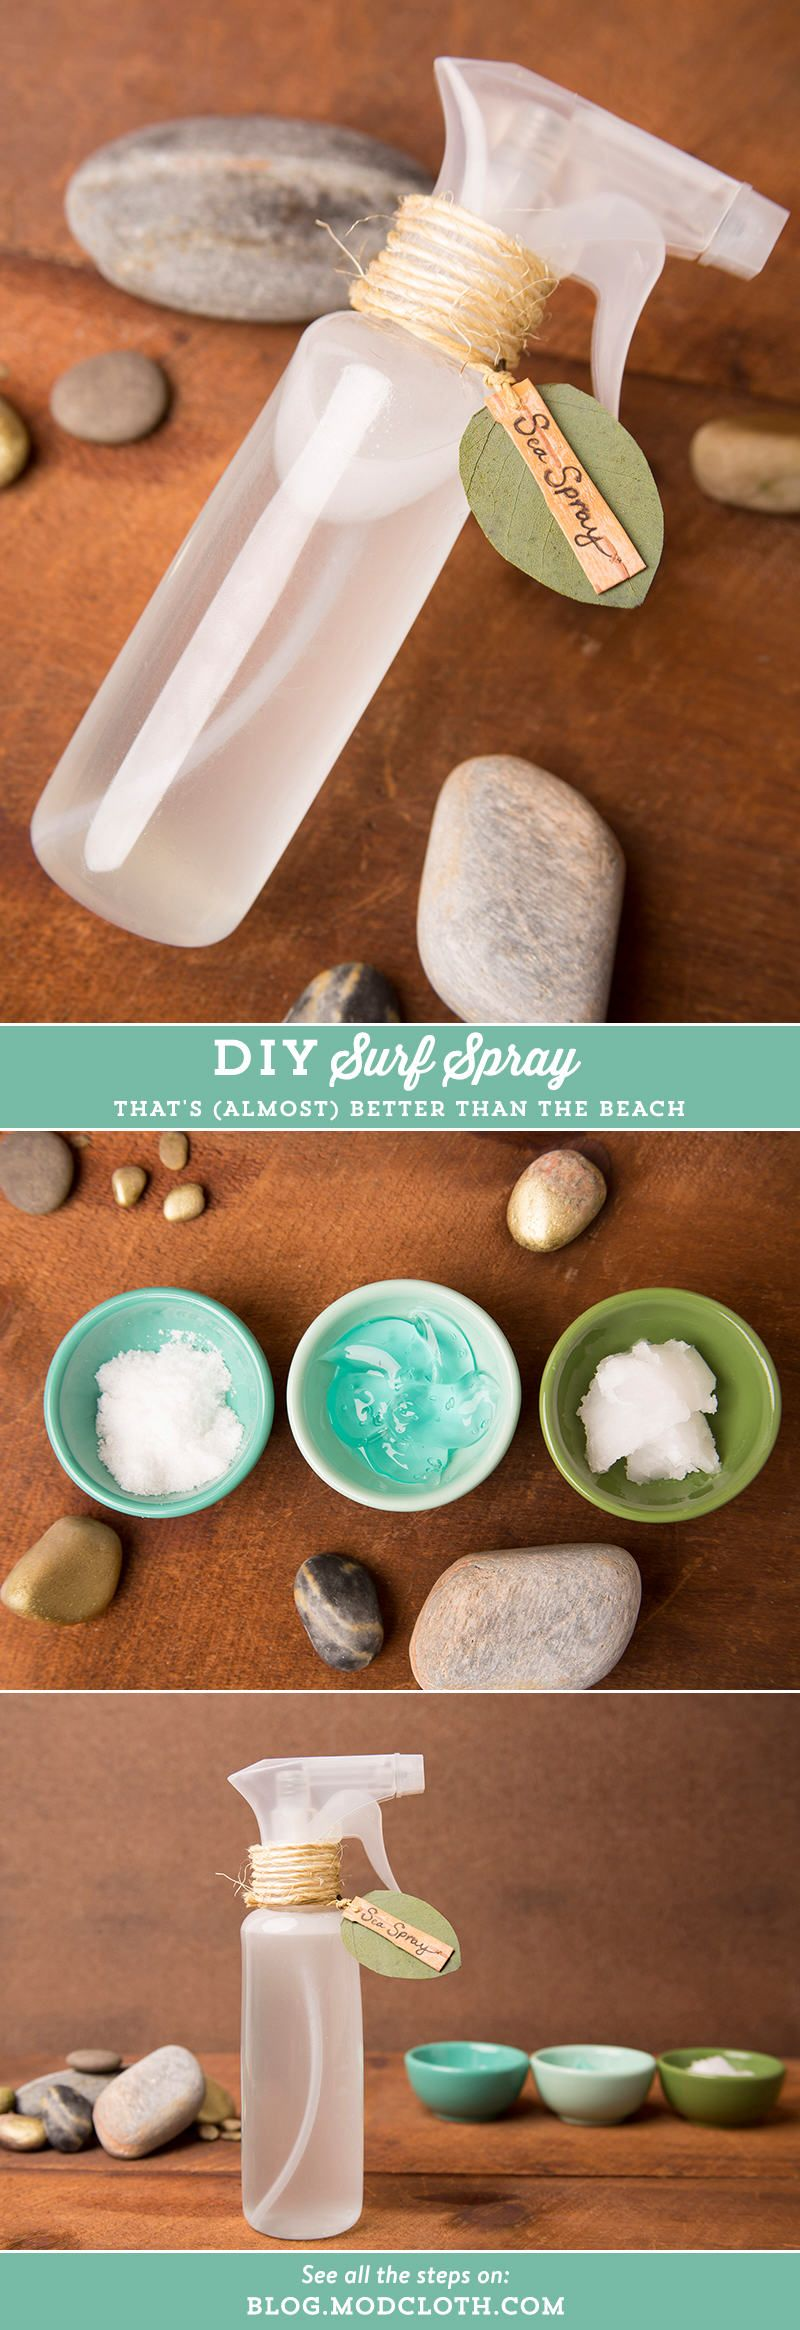 ¡Crea un spray para tu cabello y obtén ondas de playa!Necesitas: 1 Botella de plásticos 1 cda de gel para el cabello 1 cda de aceite de coco, derretido. 2 cdas de sal de mar 1 1/2 tza de agua tibia